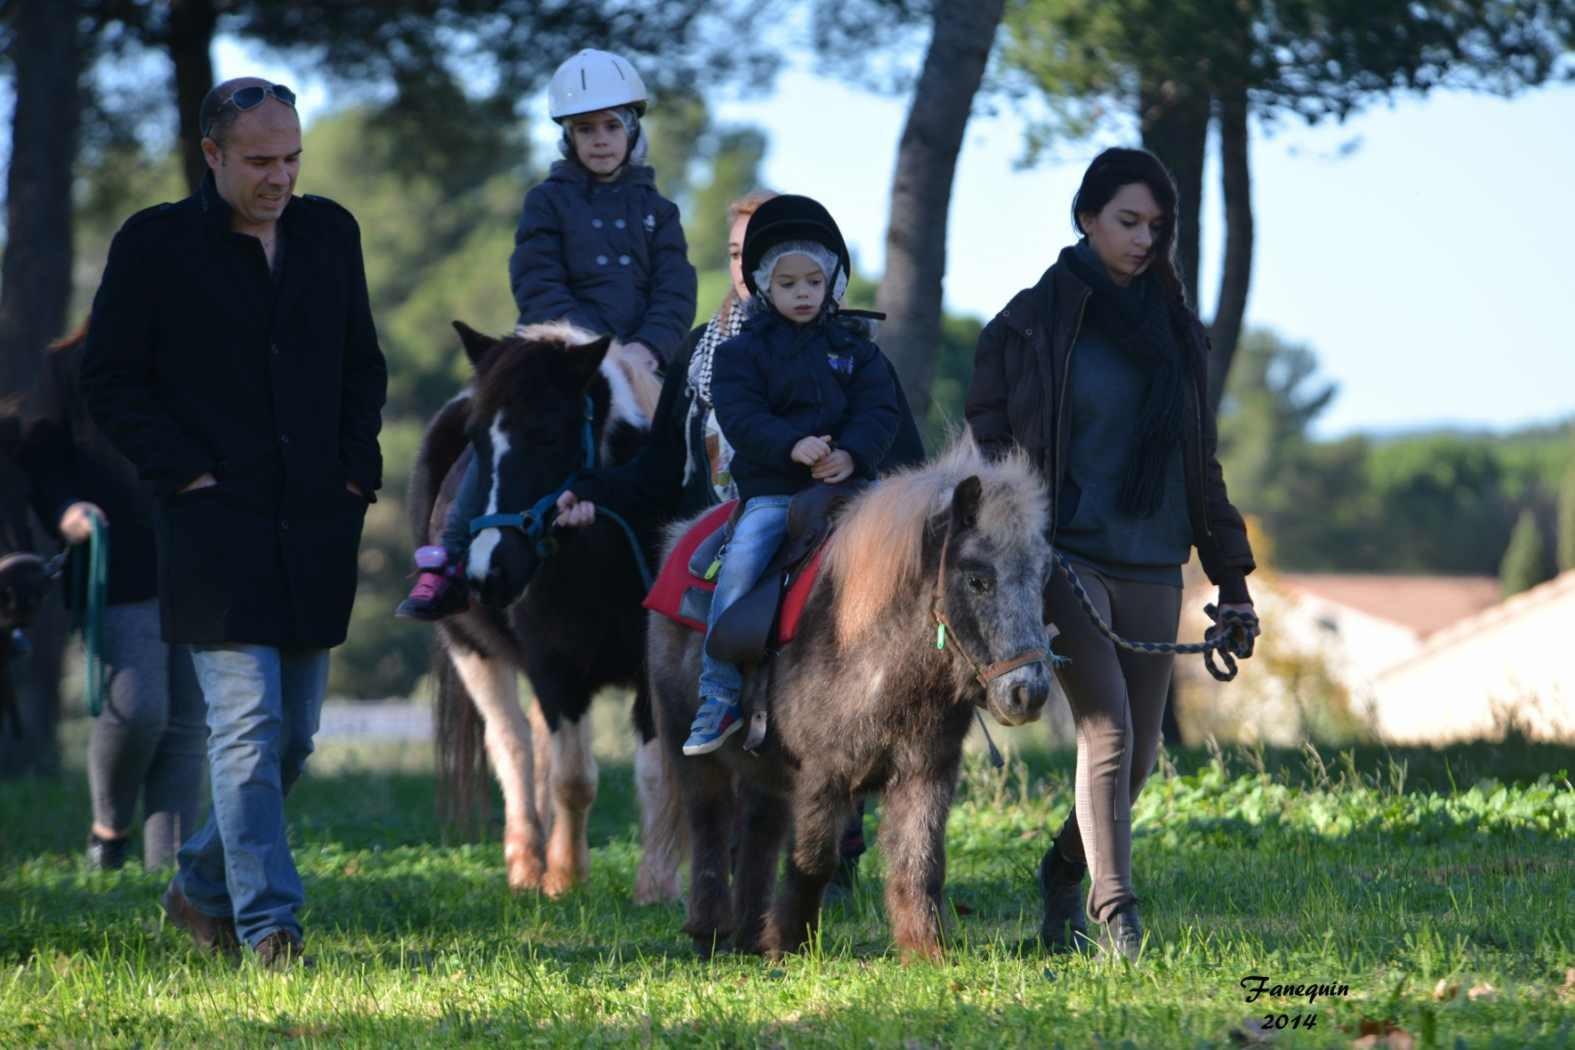 Marchés de Noël 2014 - Promenades en Poneys à Pignan - 22